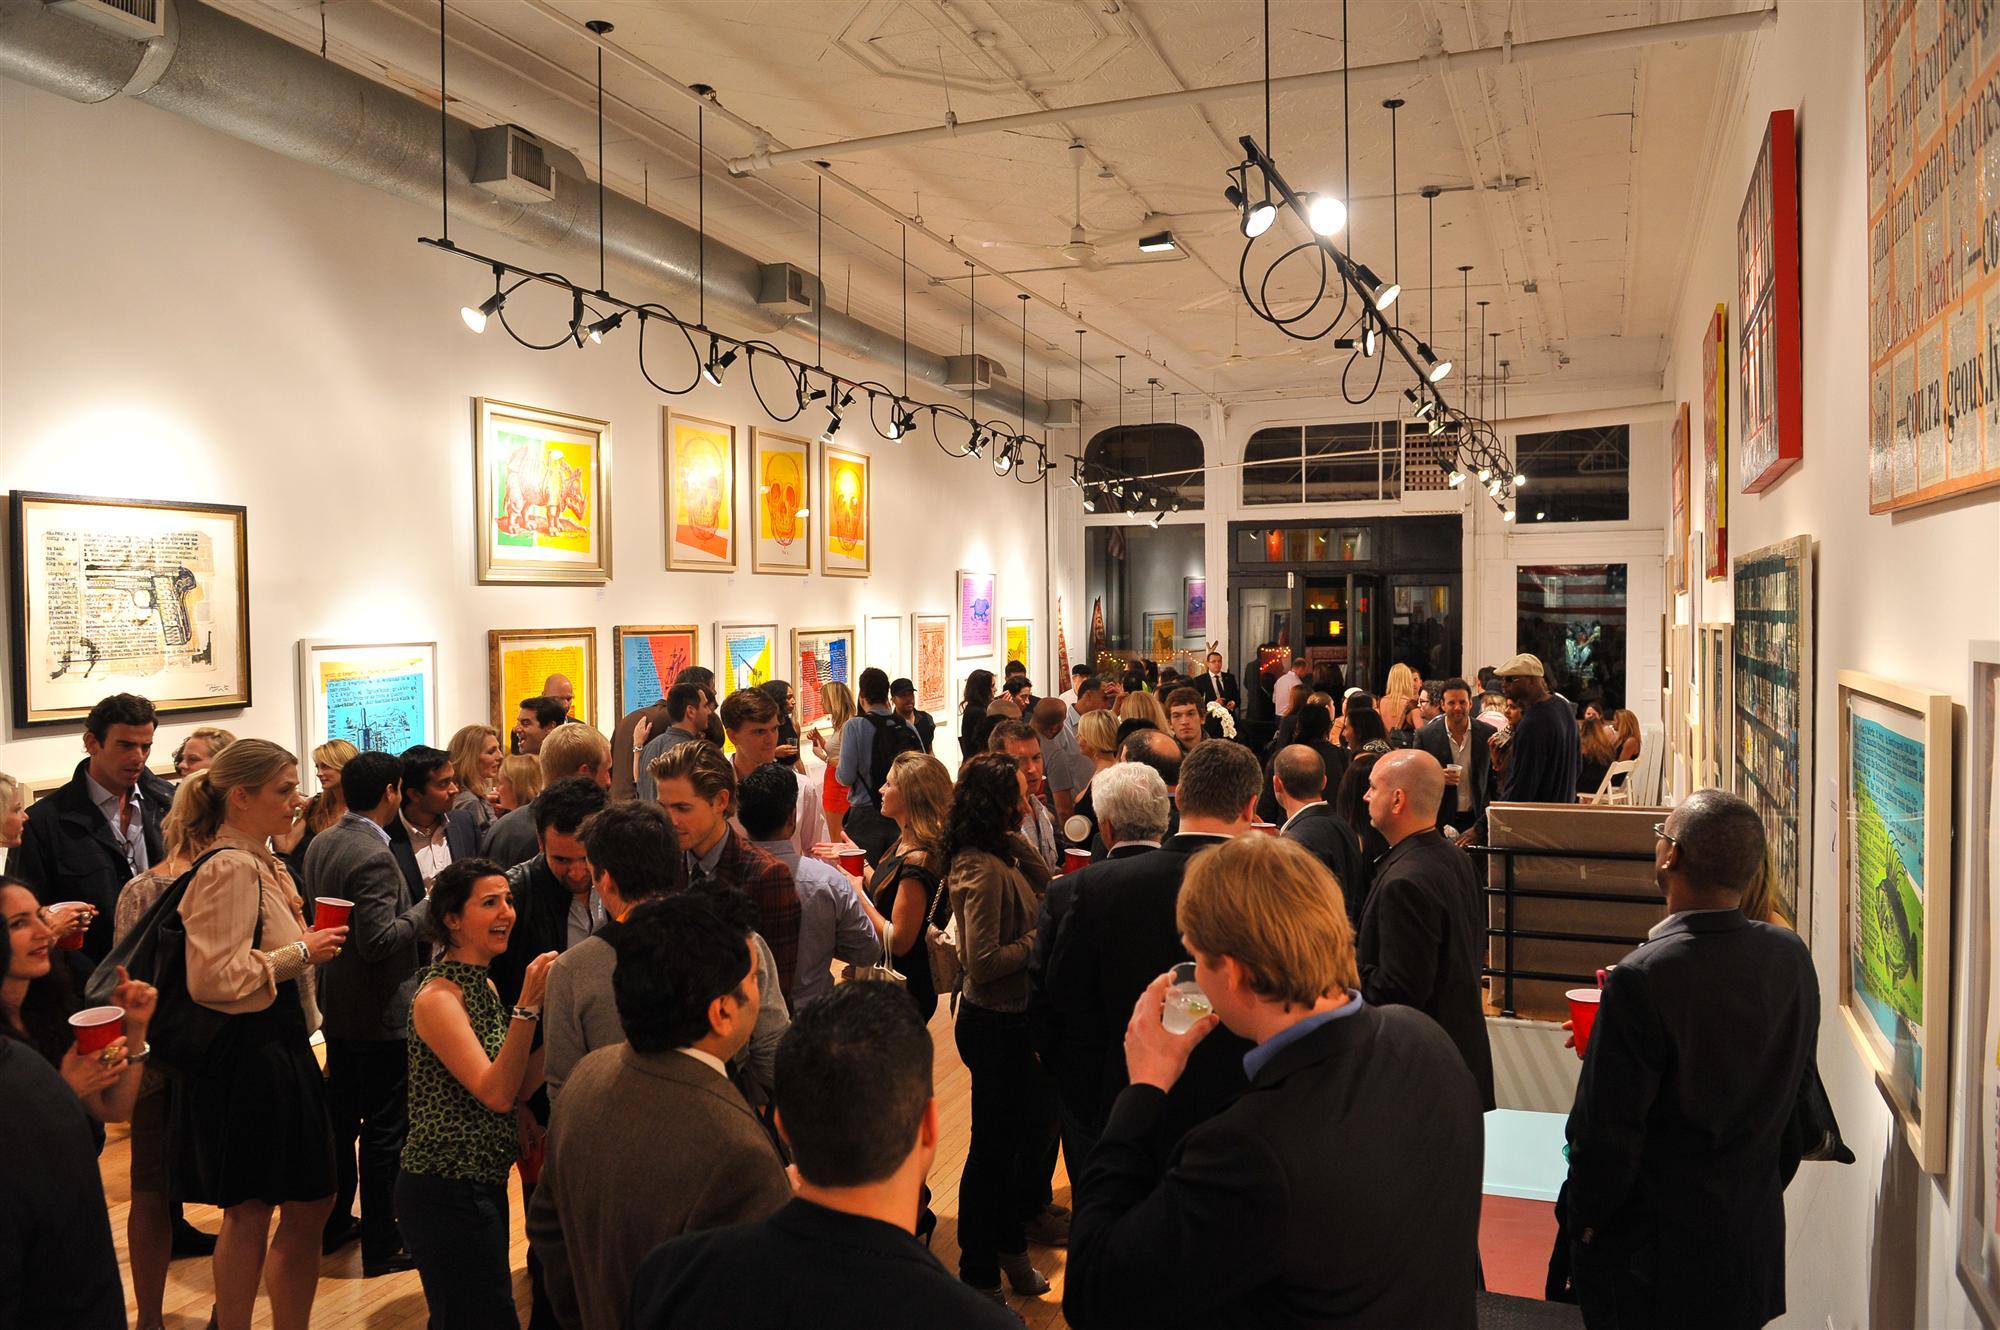 September 2011 Opening for Tunney